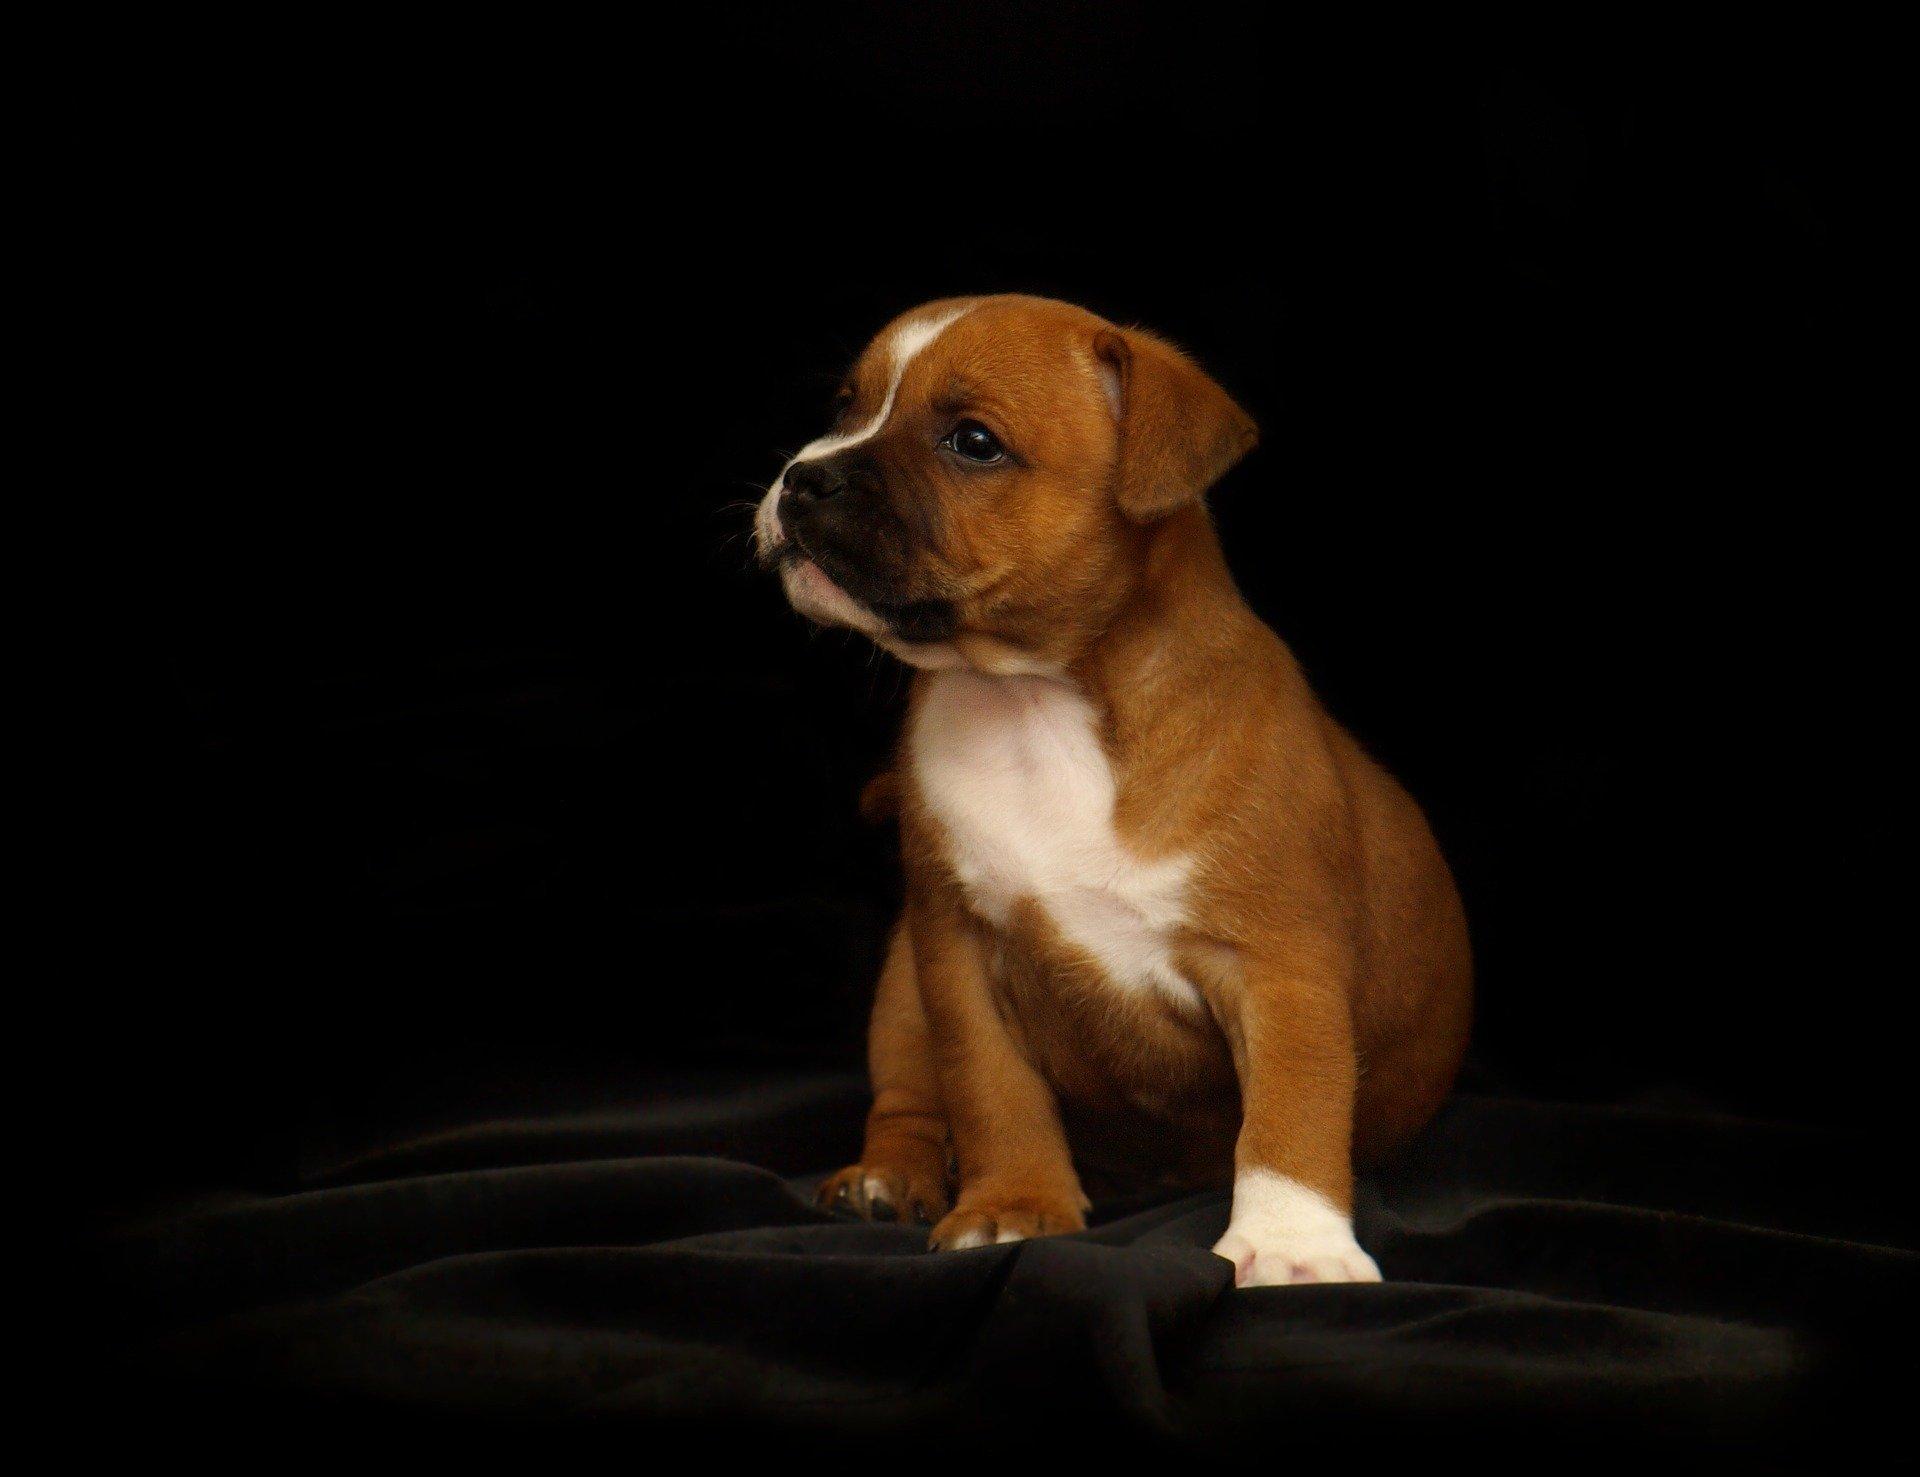 adottare animali non regalare vite